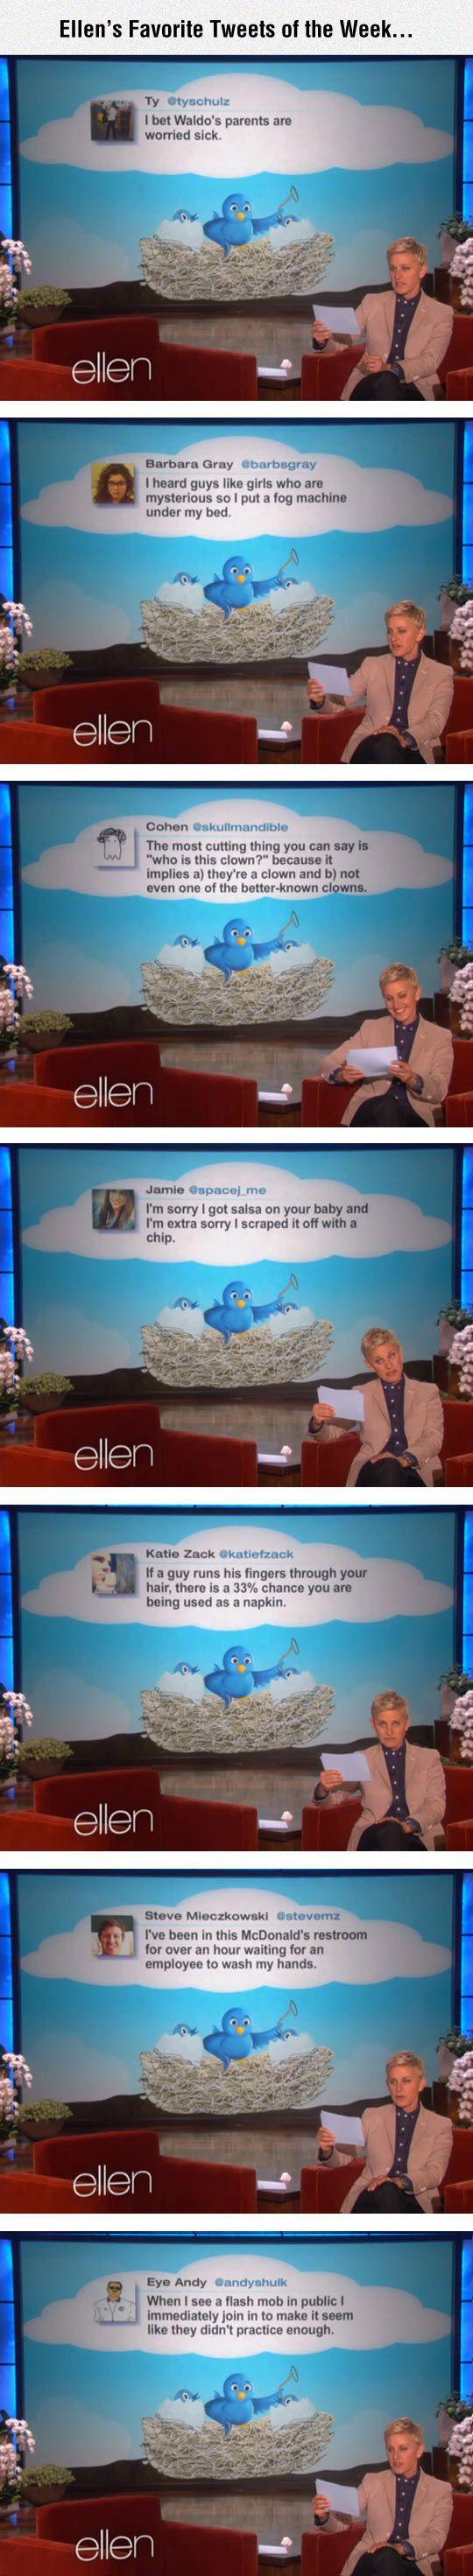 Ellen's Favorite Tweets